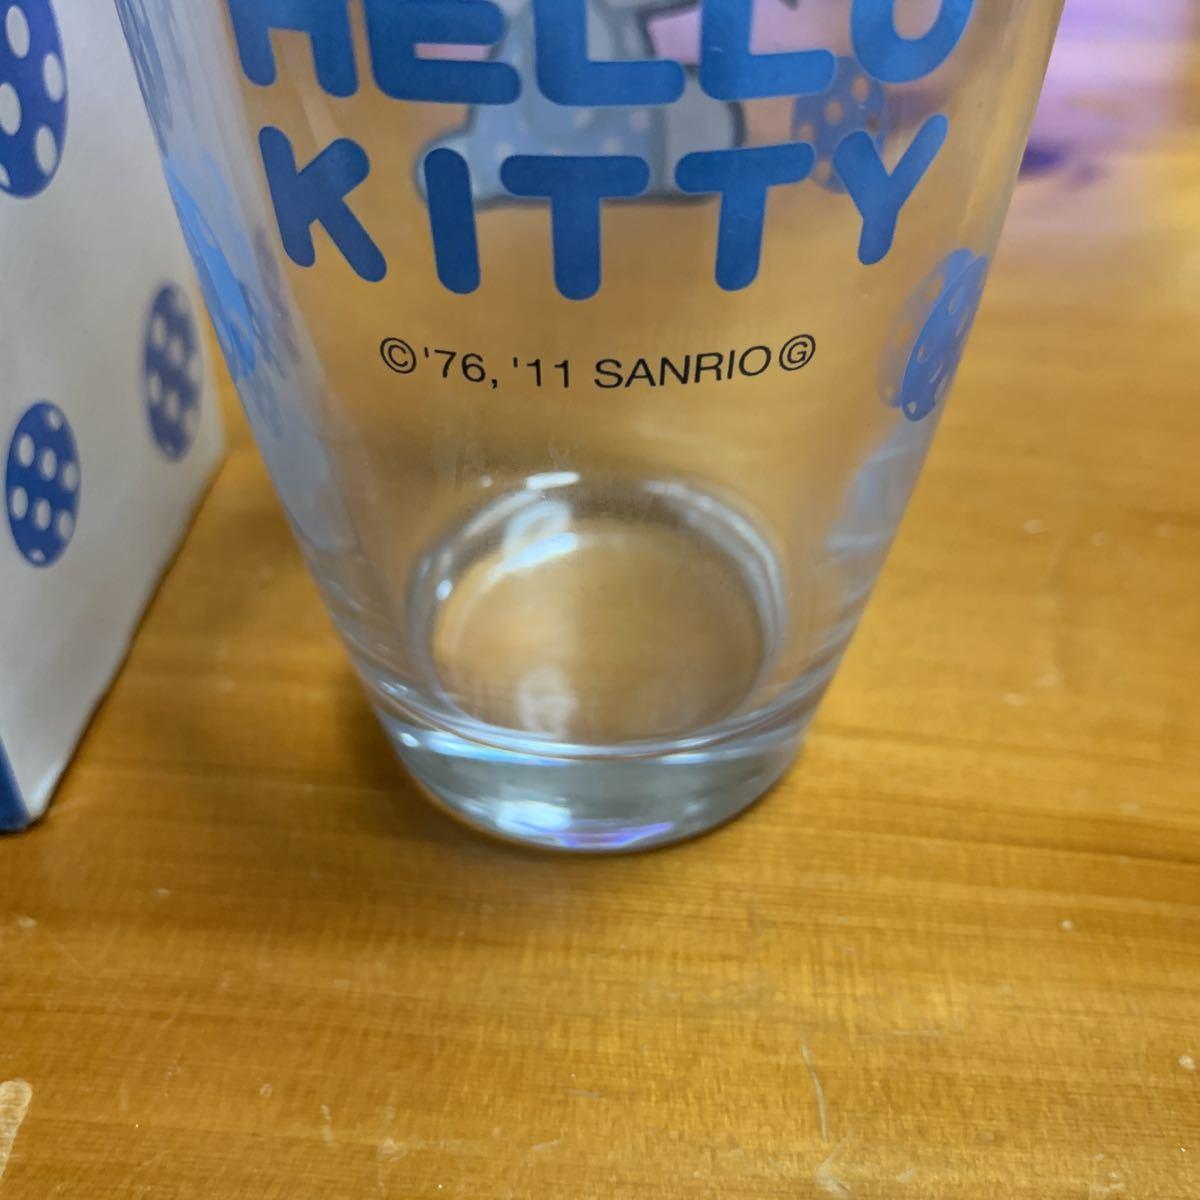 ハローキティ 清涼グラス 1個 洋服の青山 ノベルティ新品 未使用品 送料無料_画像8